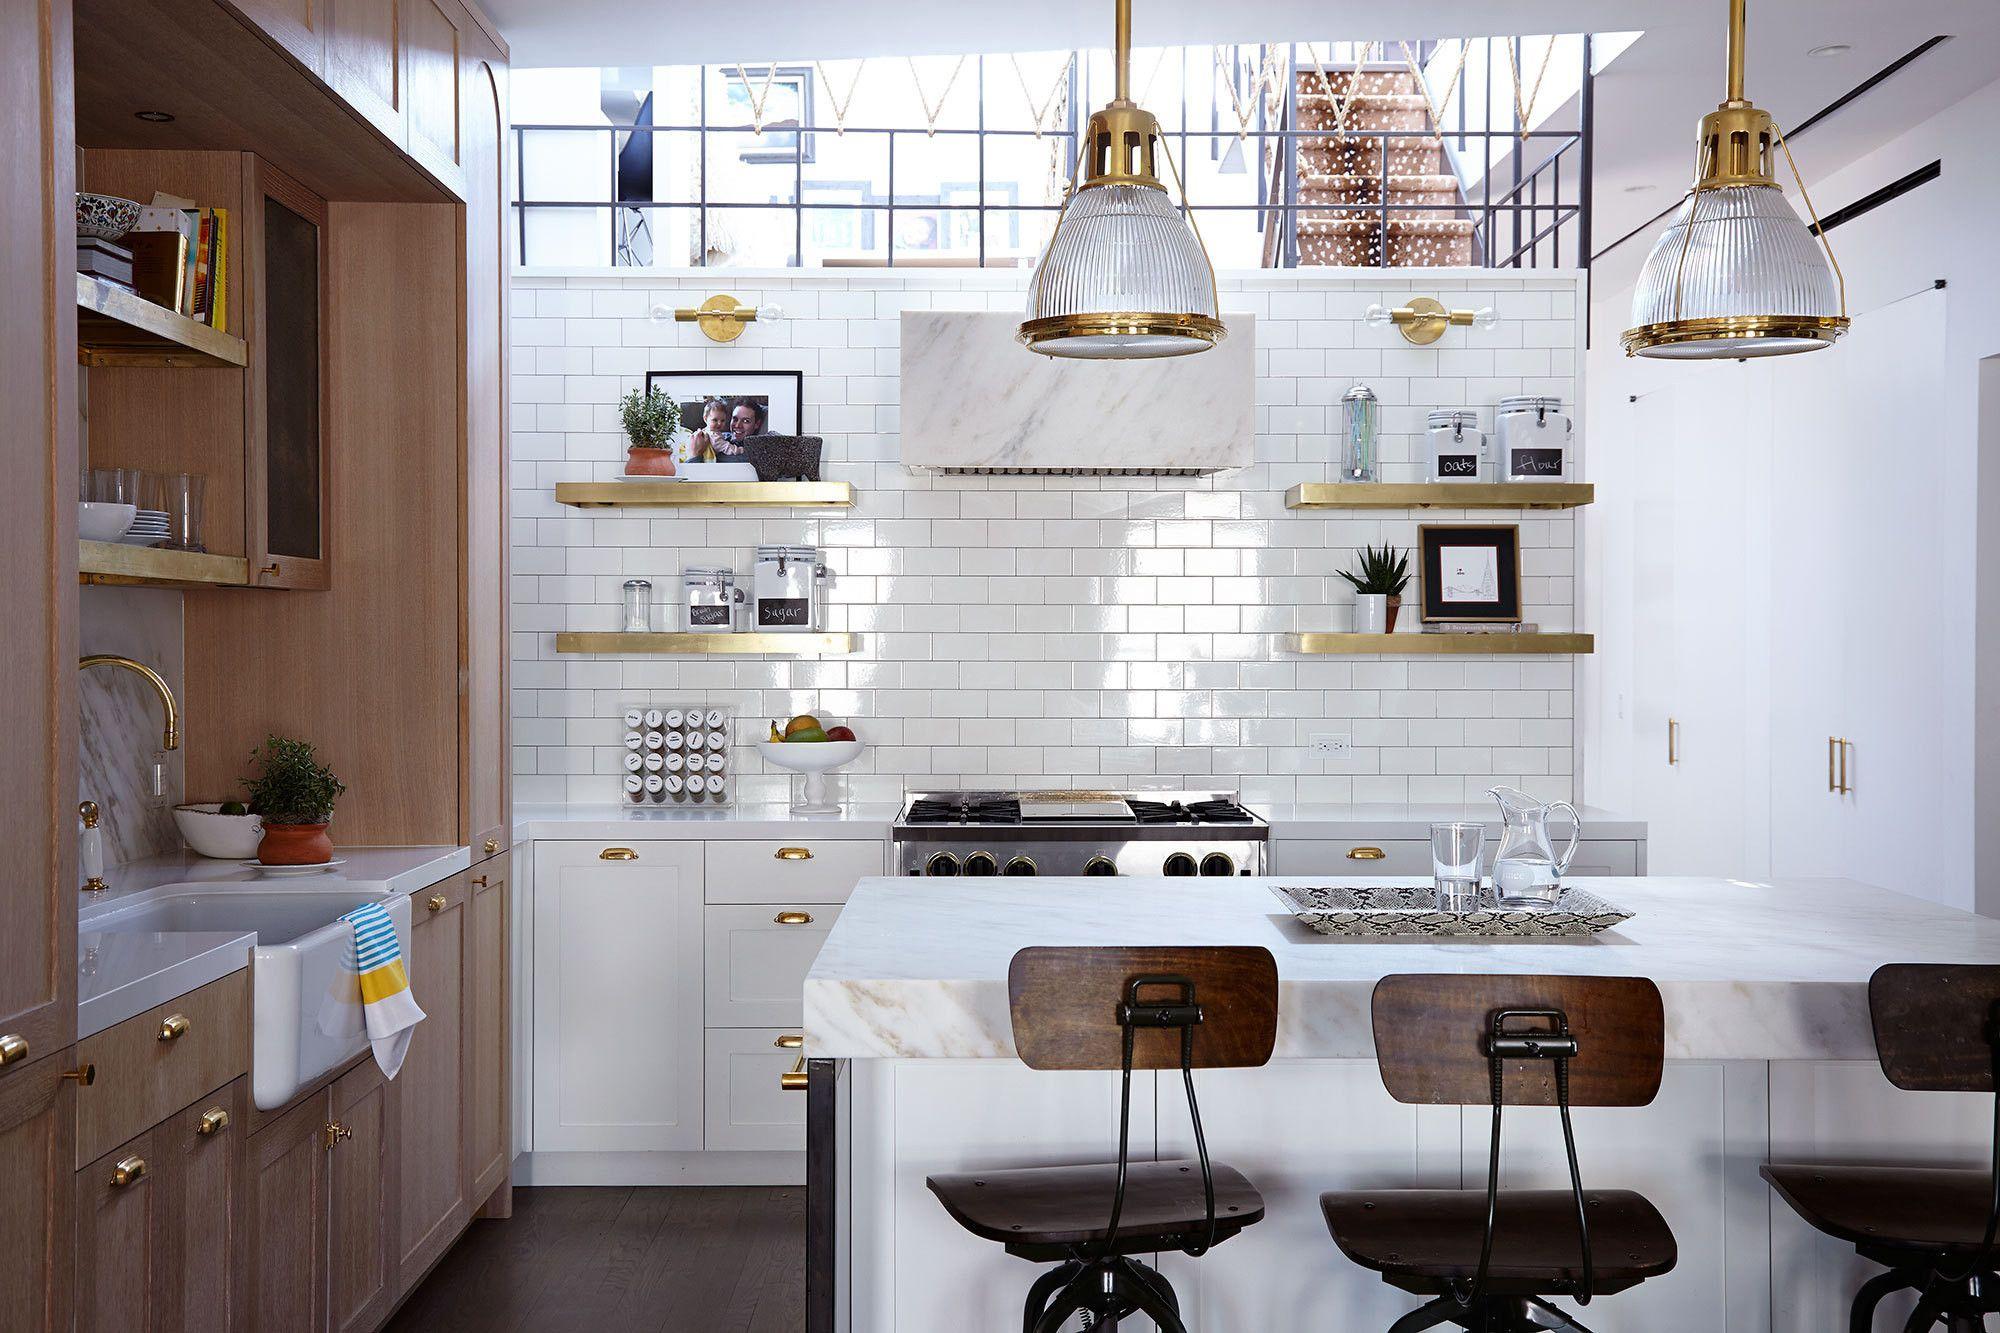 Piastrelle colorate cucina trendy priorit bassa senza giunte di piastrelle colorate con cucina for Piastrelle cucina colorate